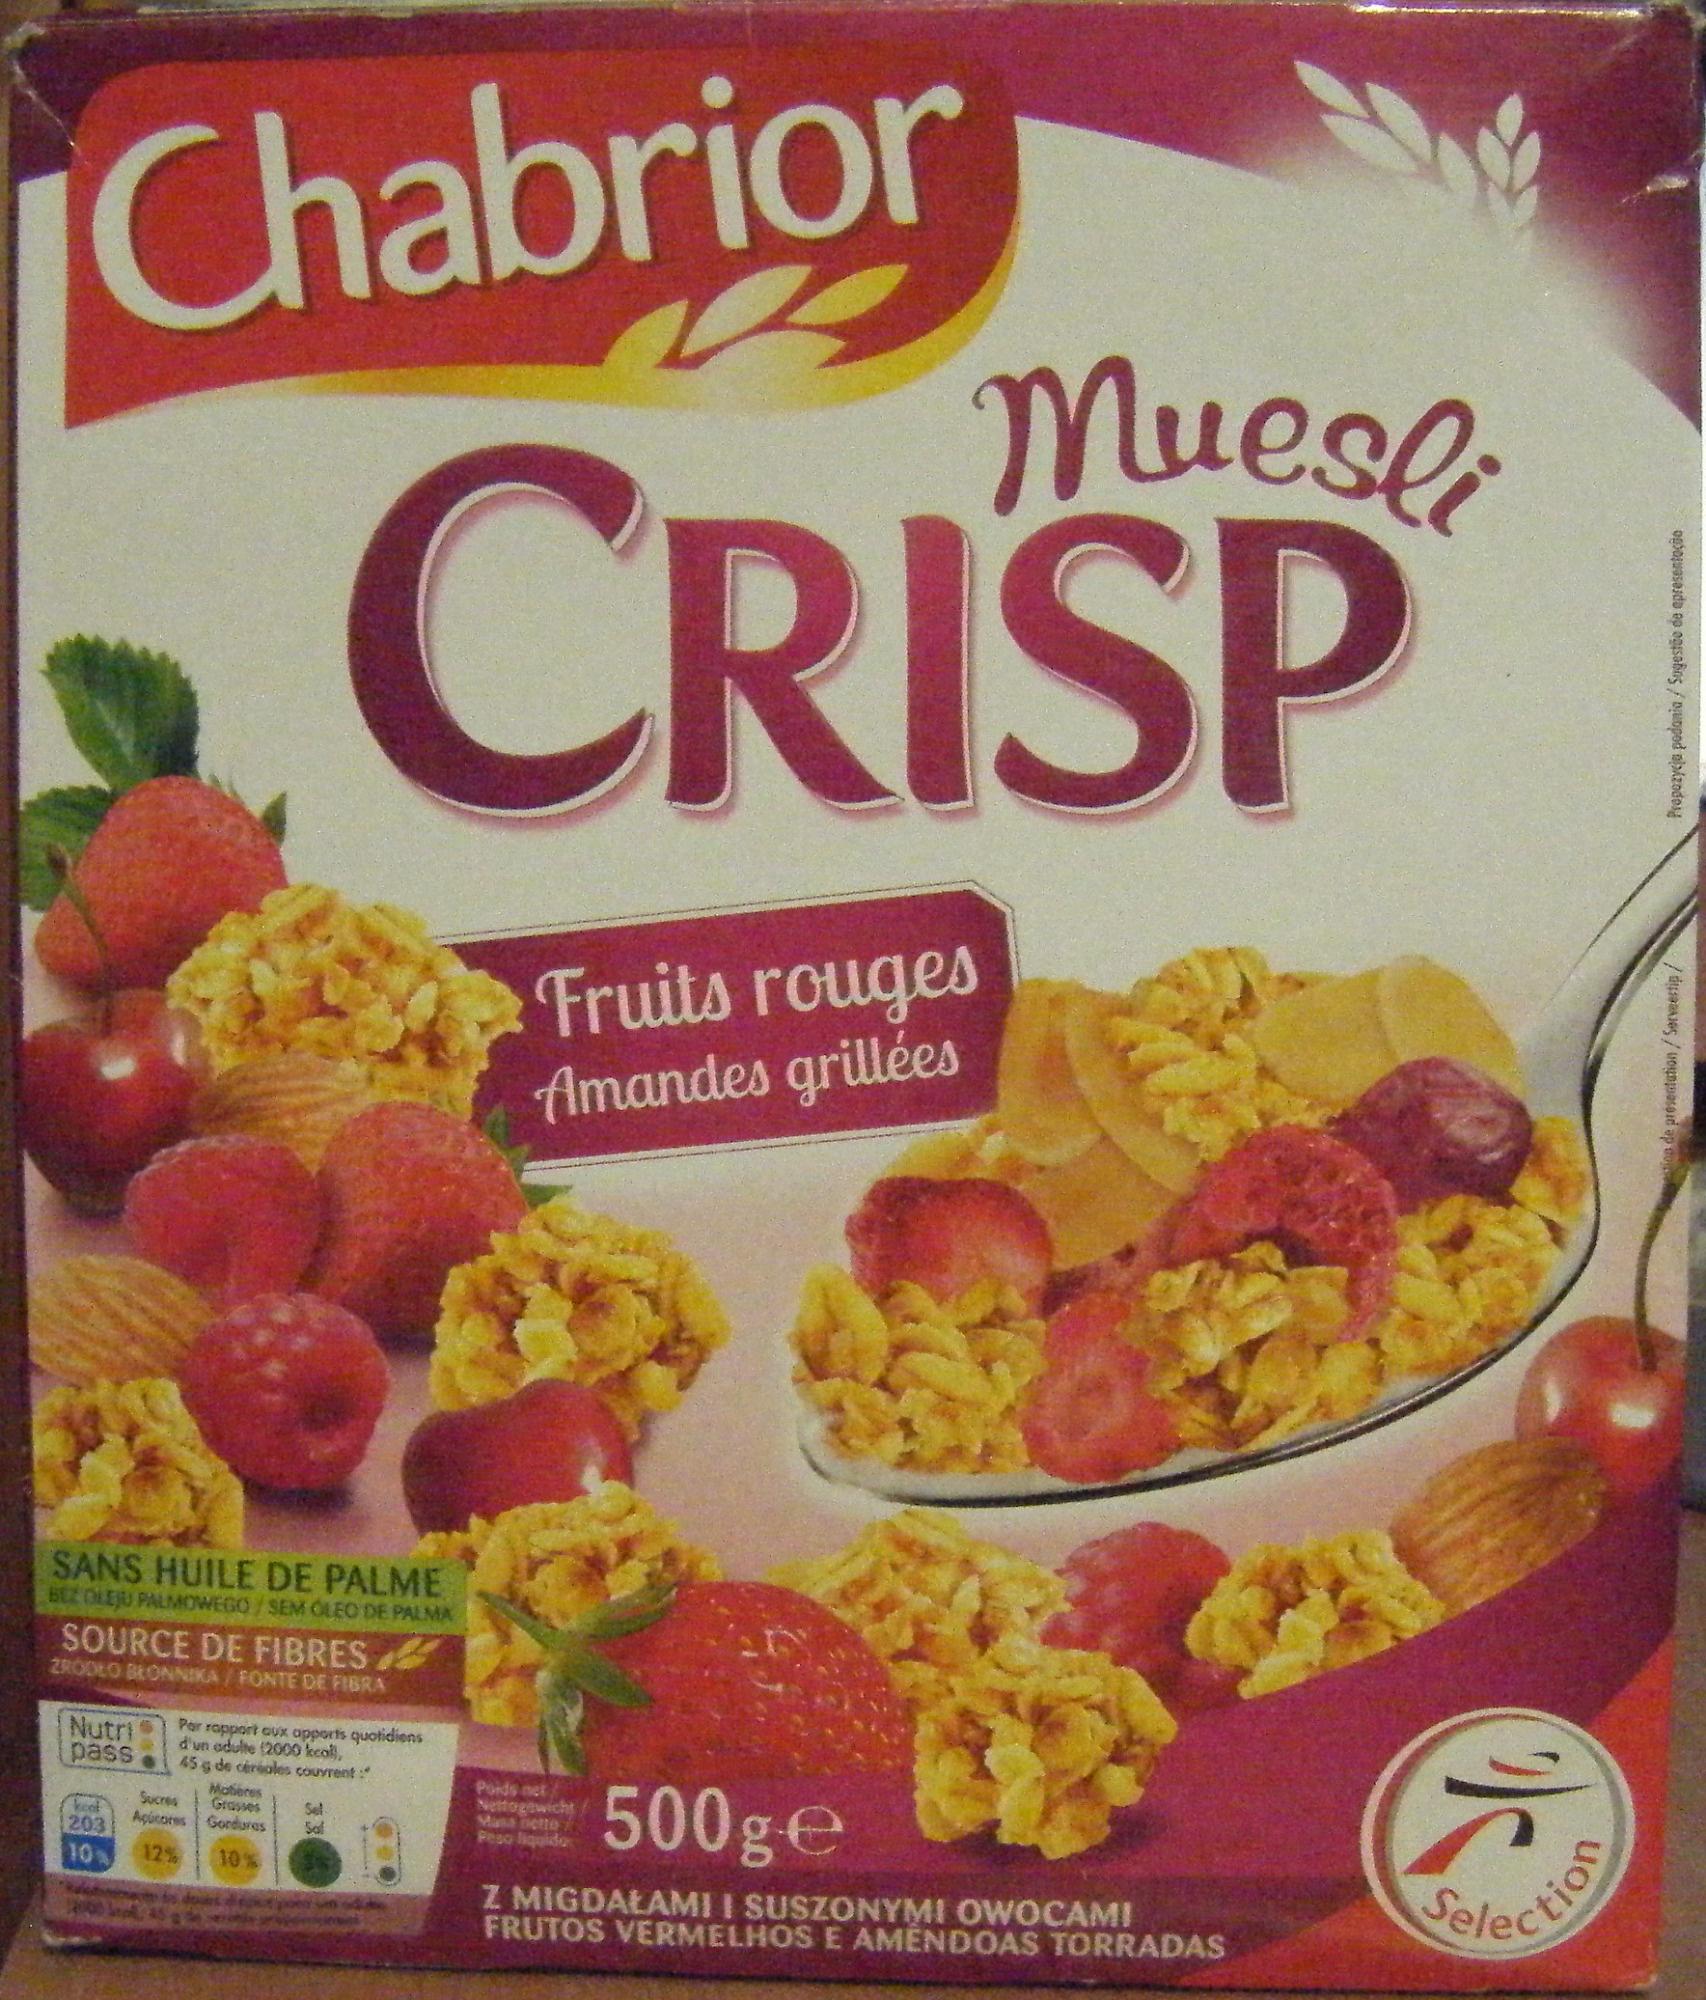 Muesli CRISP Fruits rouges Amandes grillées - Produit - fr